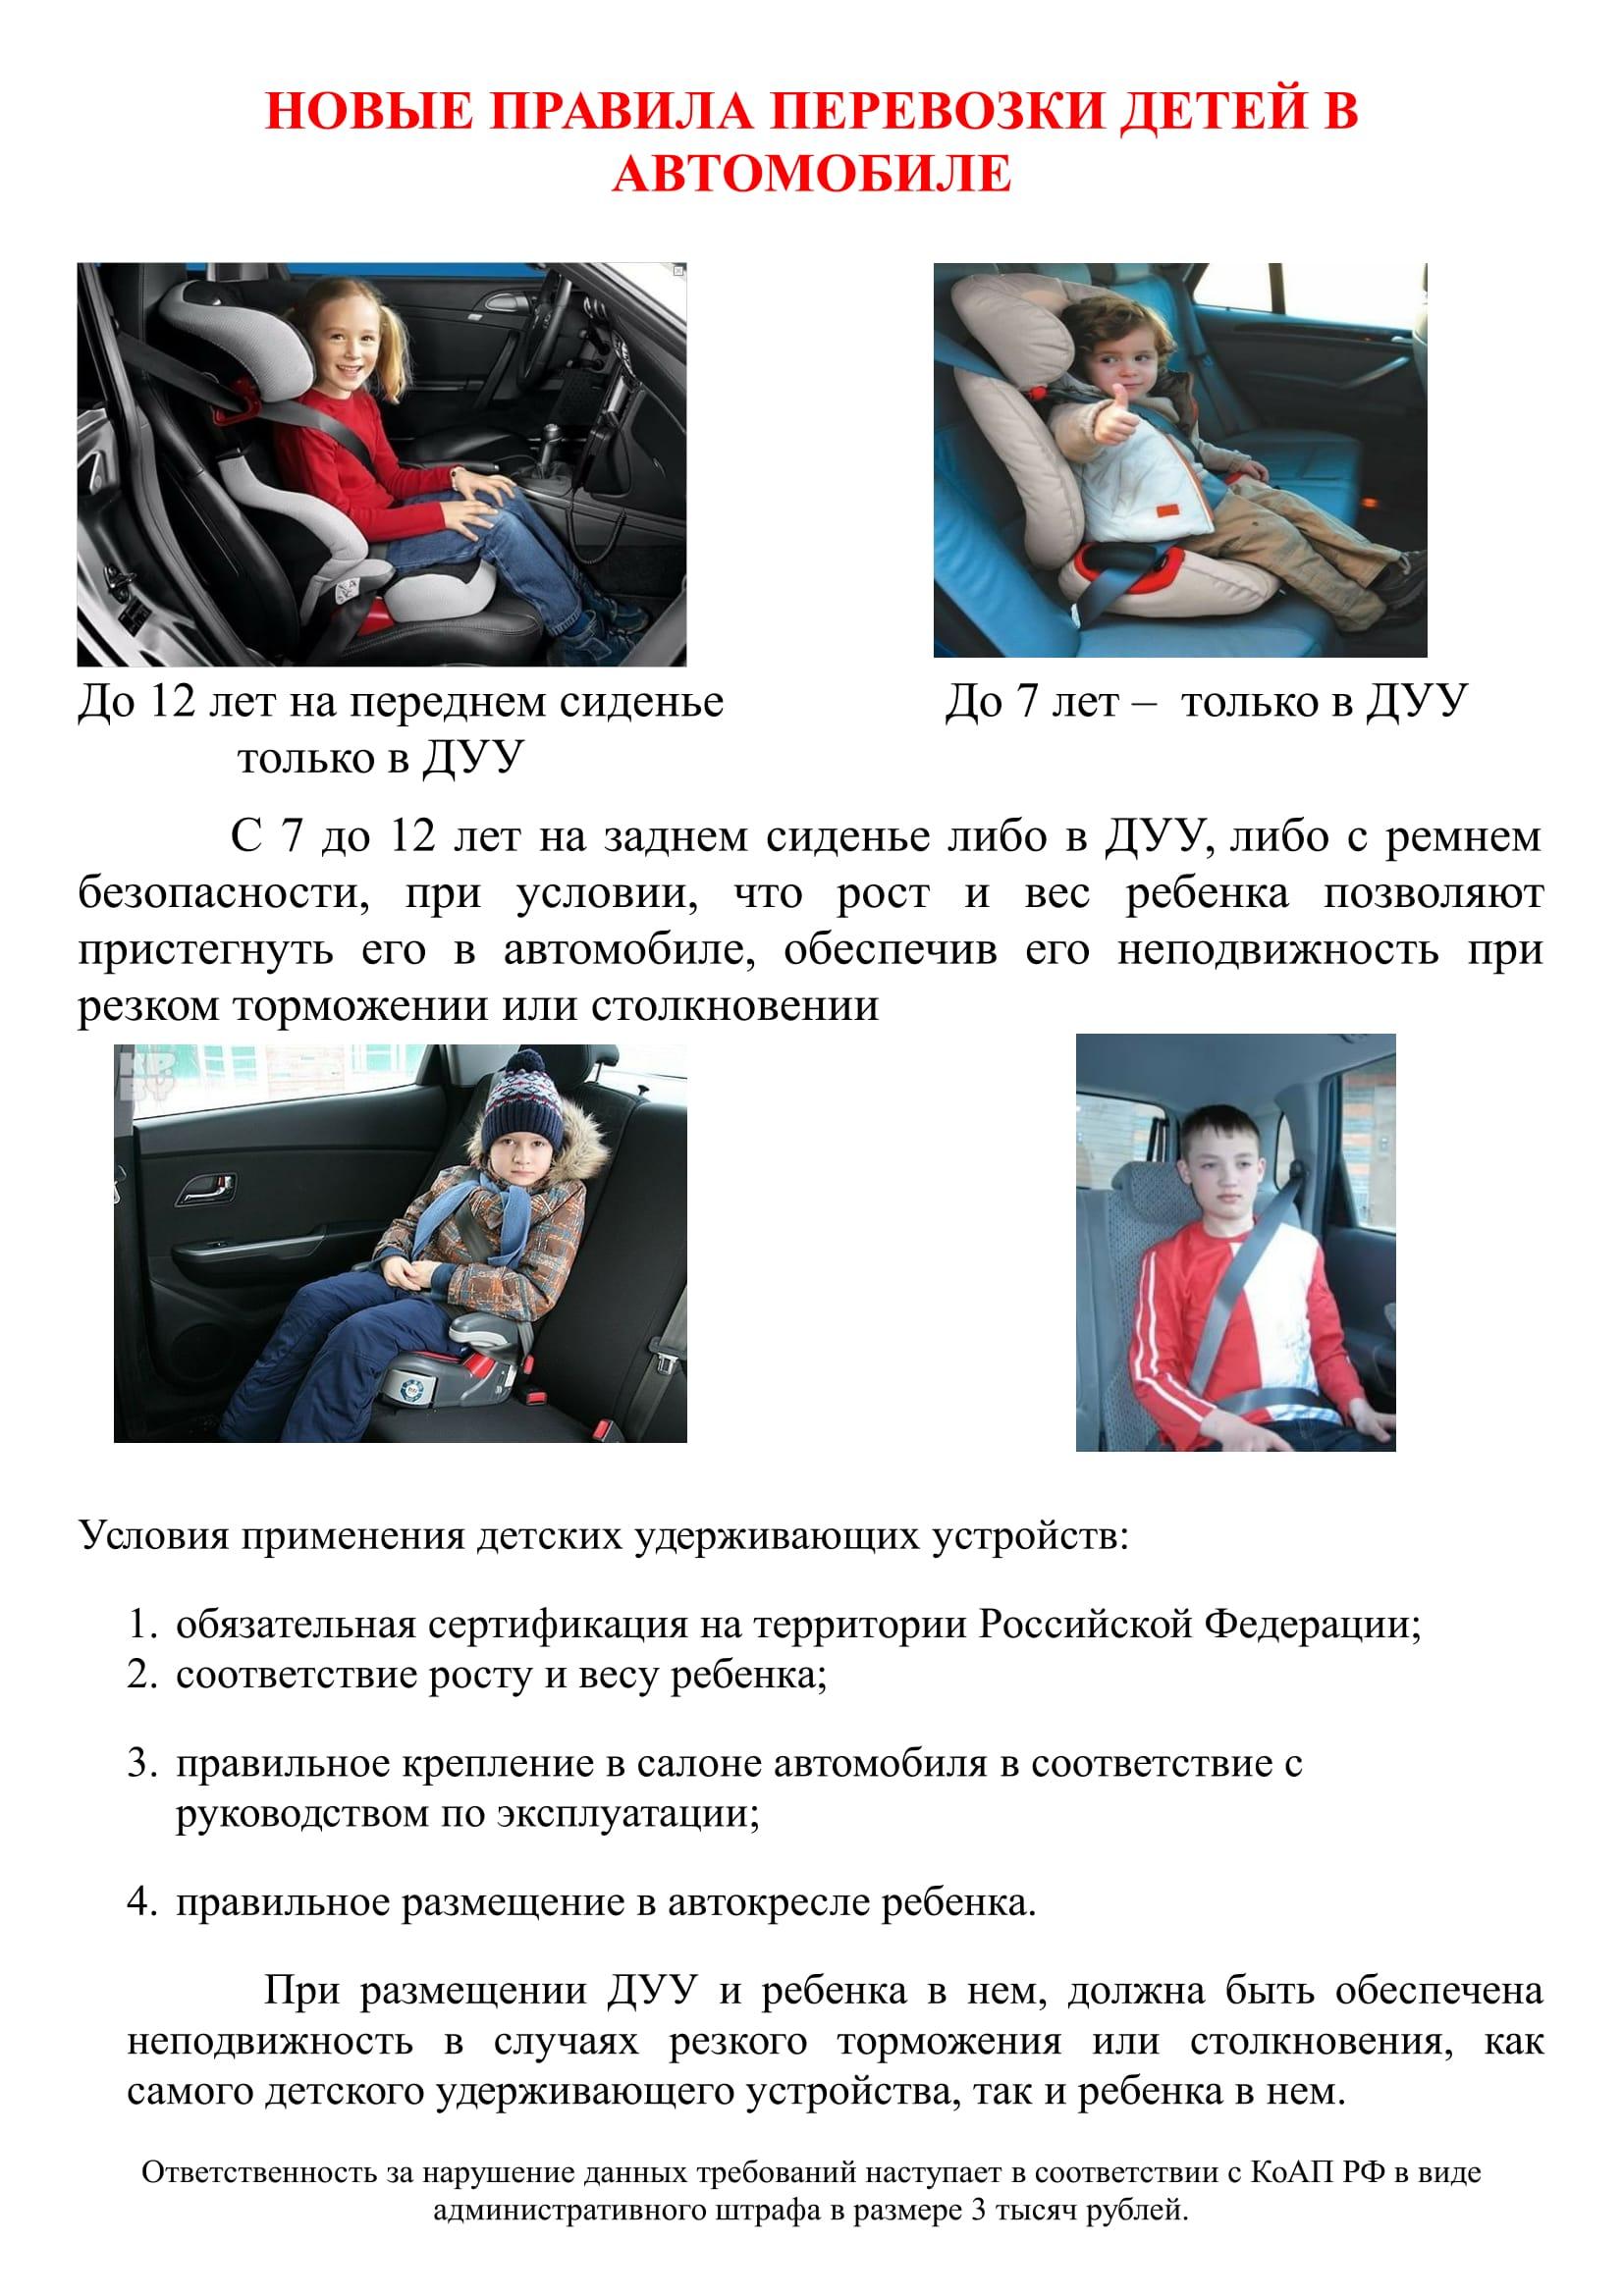 Перевозка детей в автомобиле должна выполняться в соответствии с определенными требованиями.